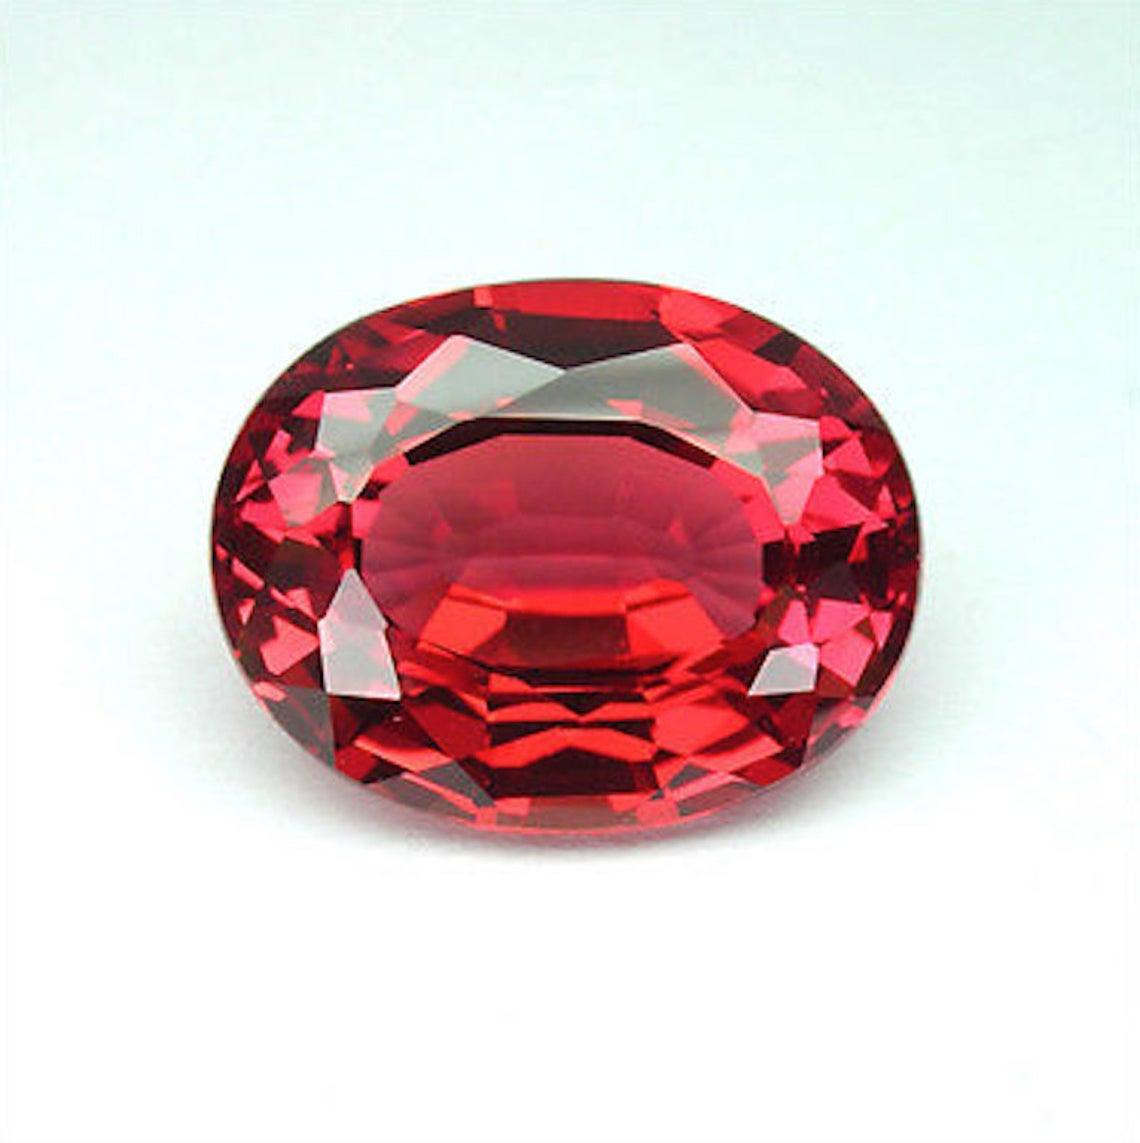 حجر الزفير الأحمر الطبيعي